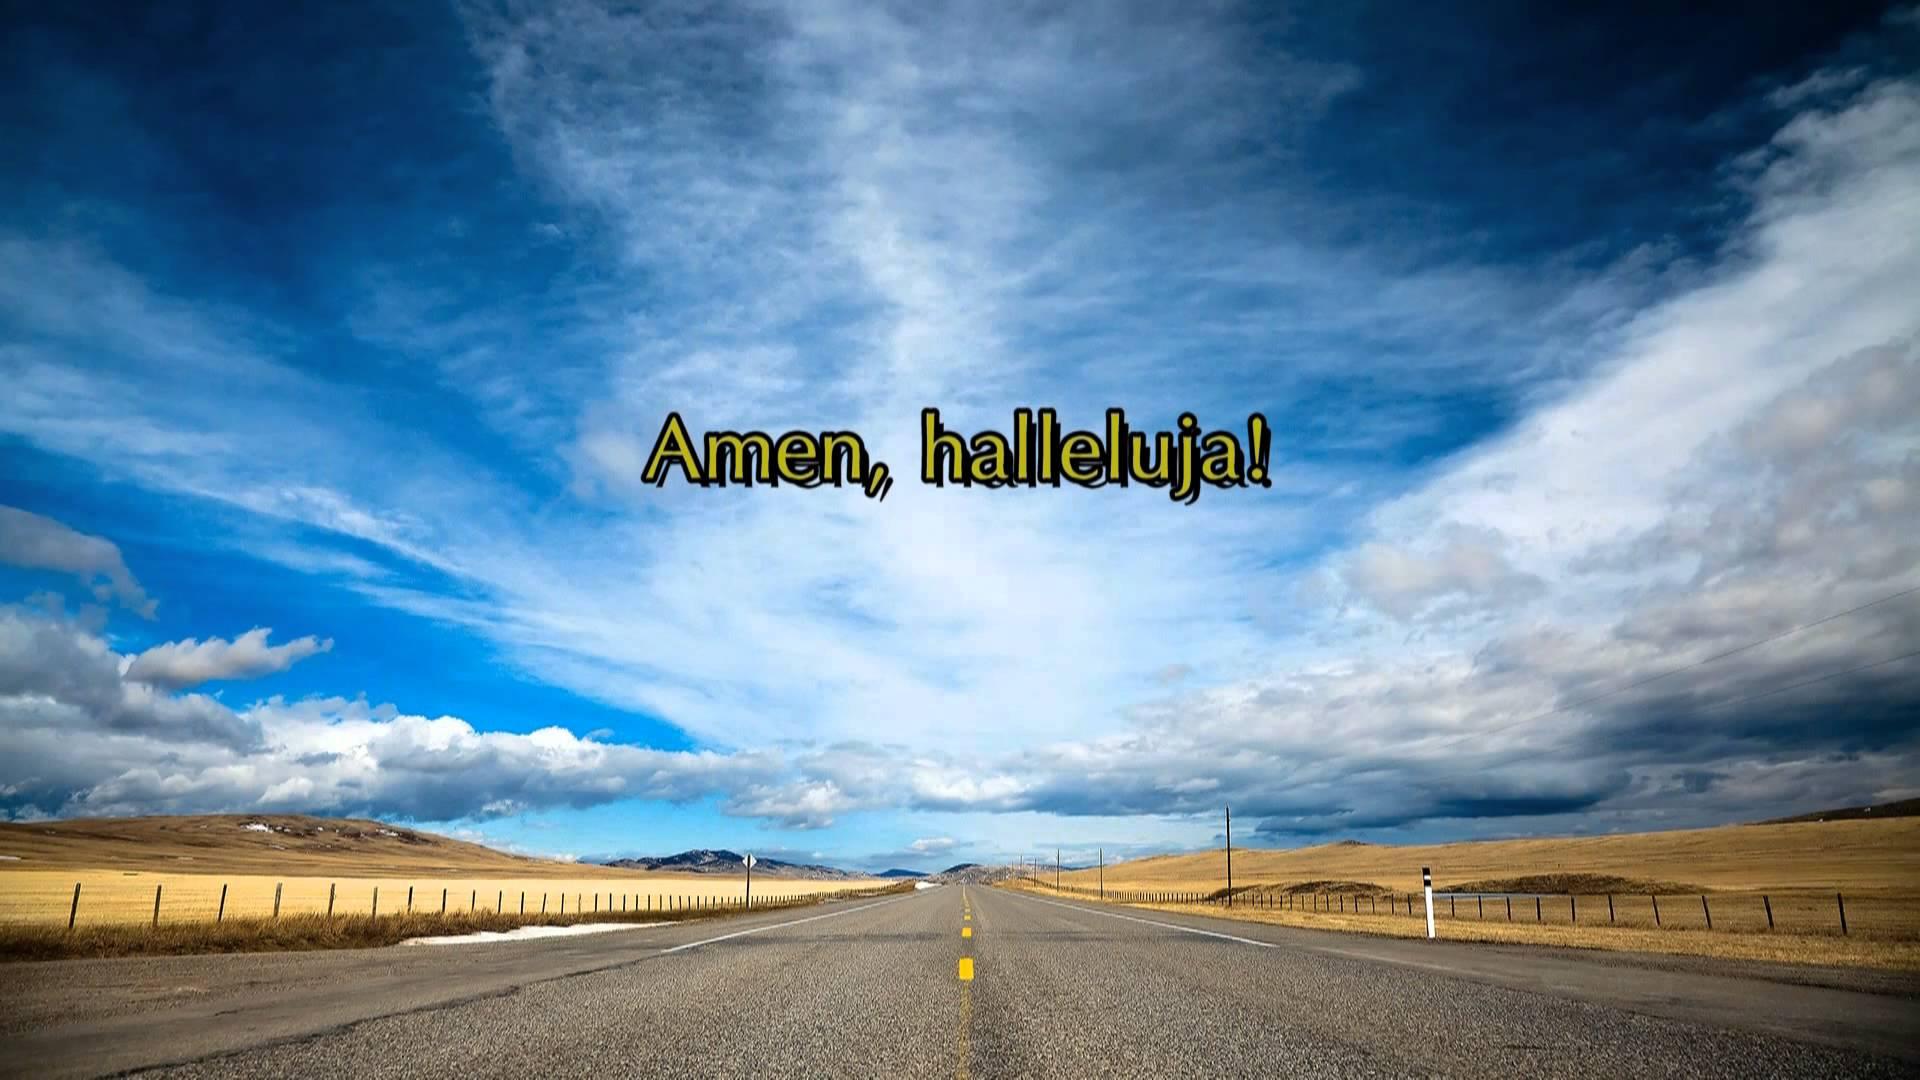 Opwekking 3 - Wees blij in den Heer en zing verheugd 4